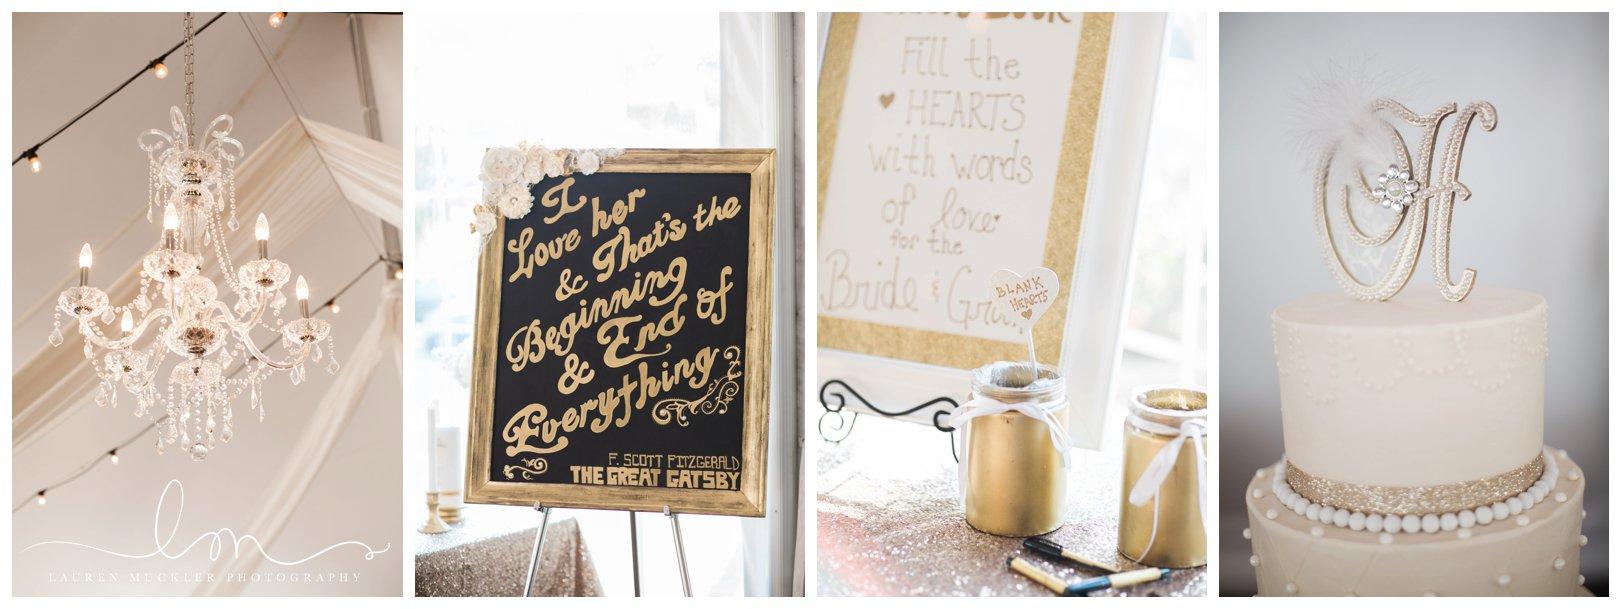 lauren muckler photography_fine art film wedding photography_st louis_photography_0476.jpg